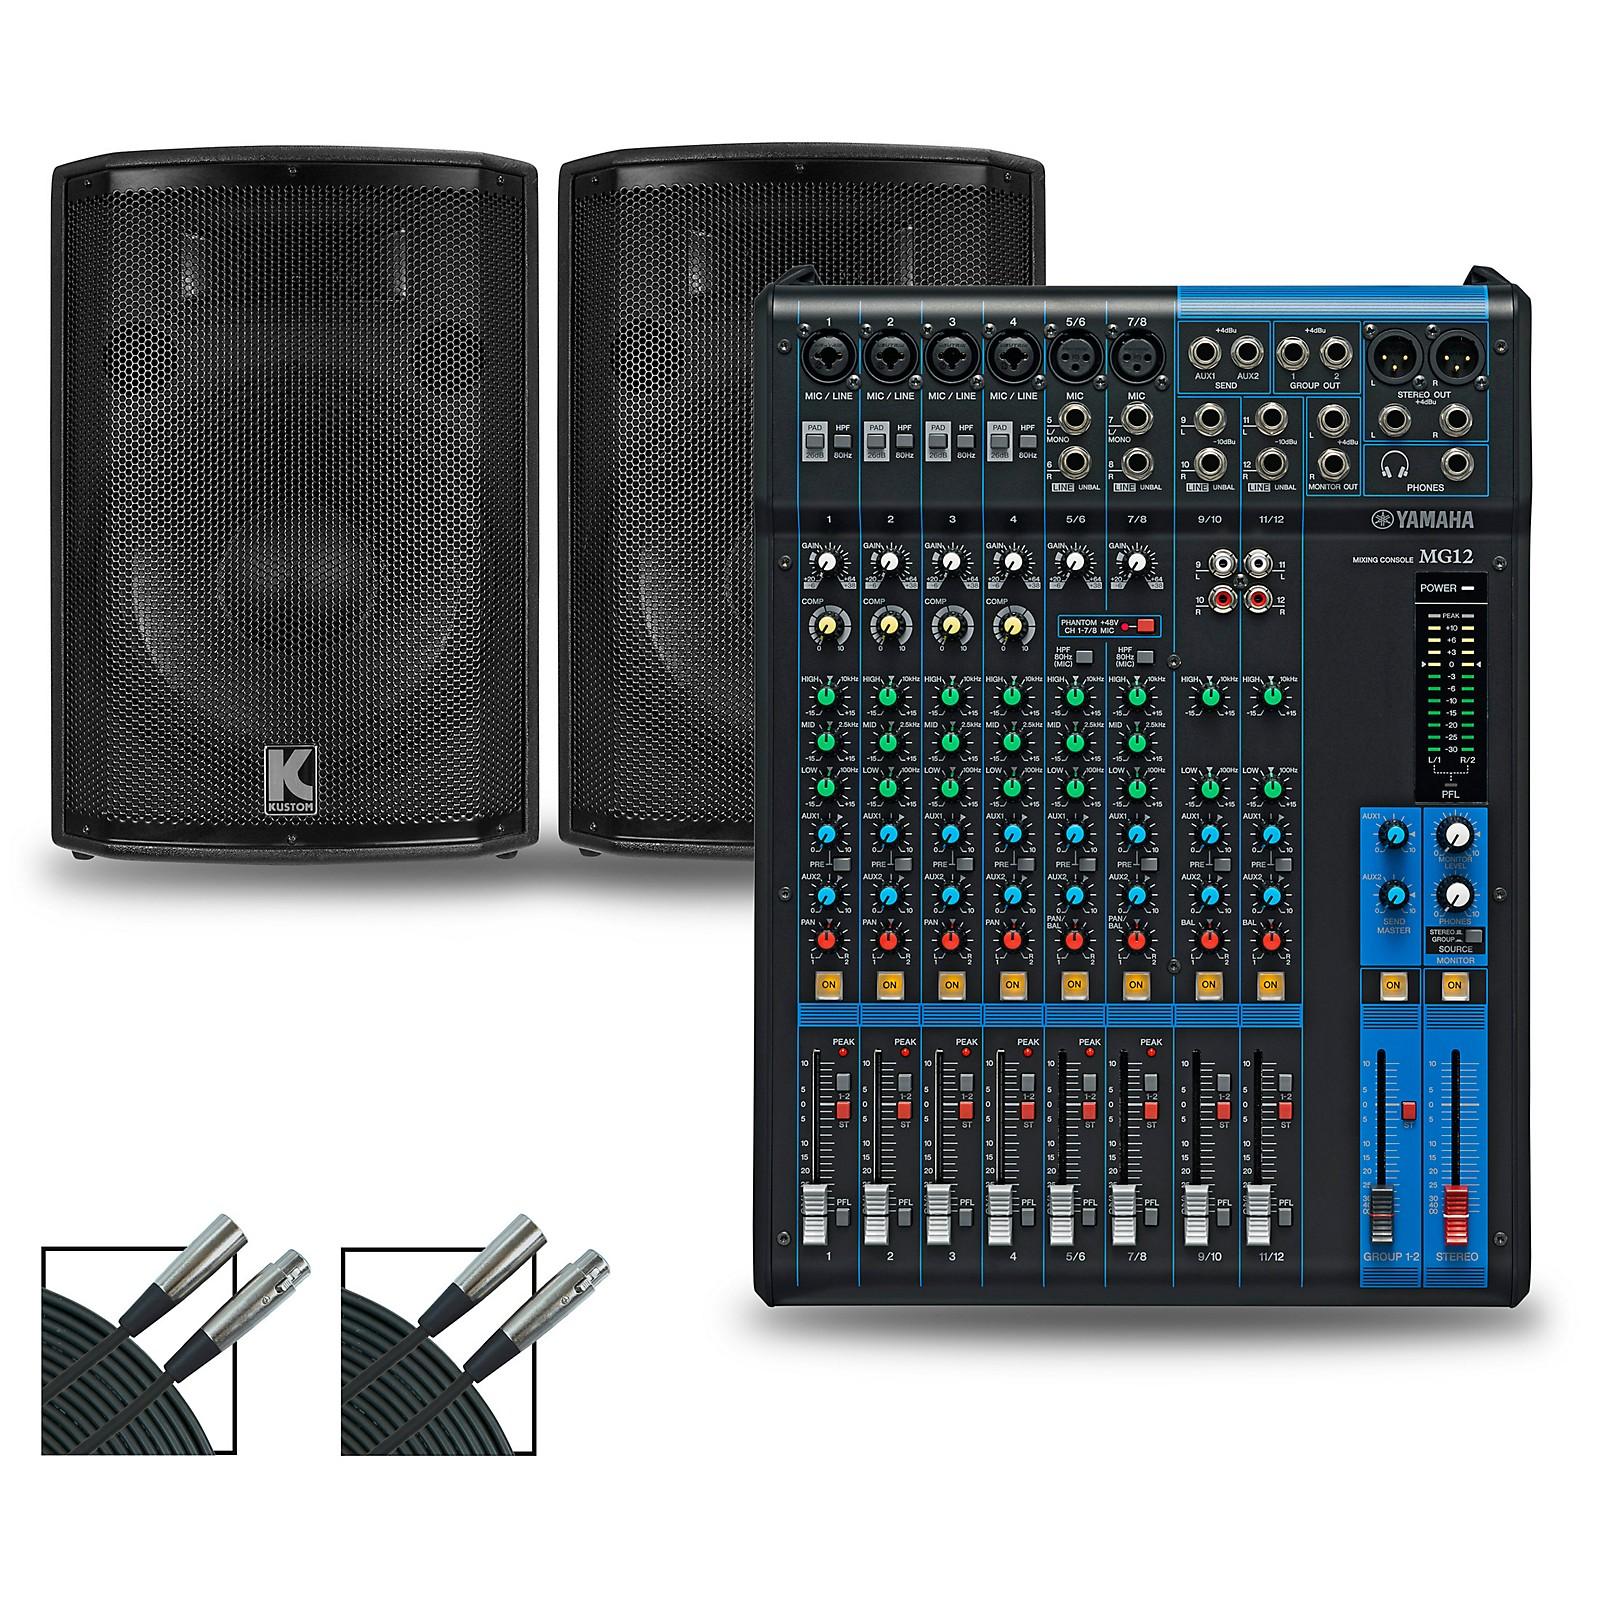 Yamaha MG12XU Mixer and Kustom HiPAC Speakers